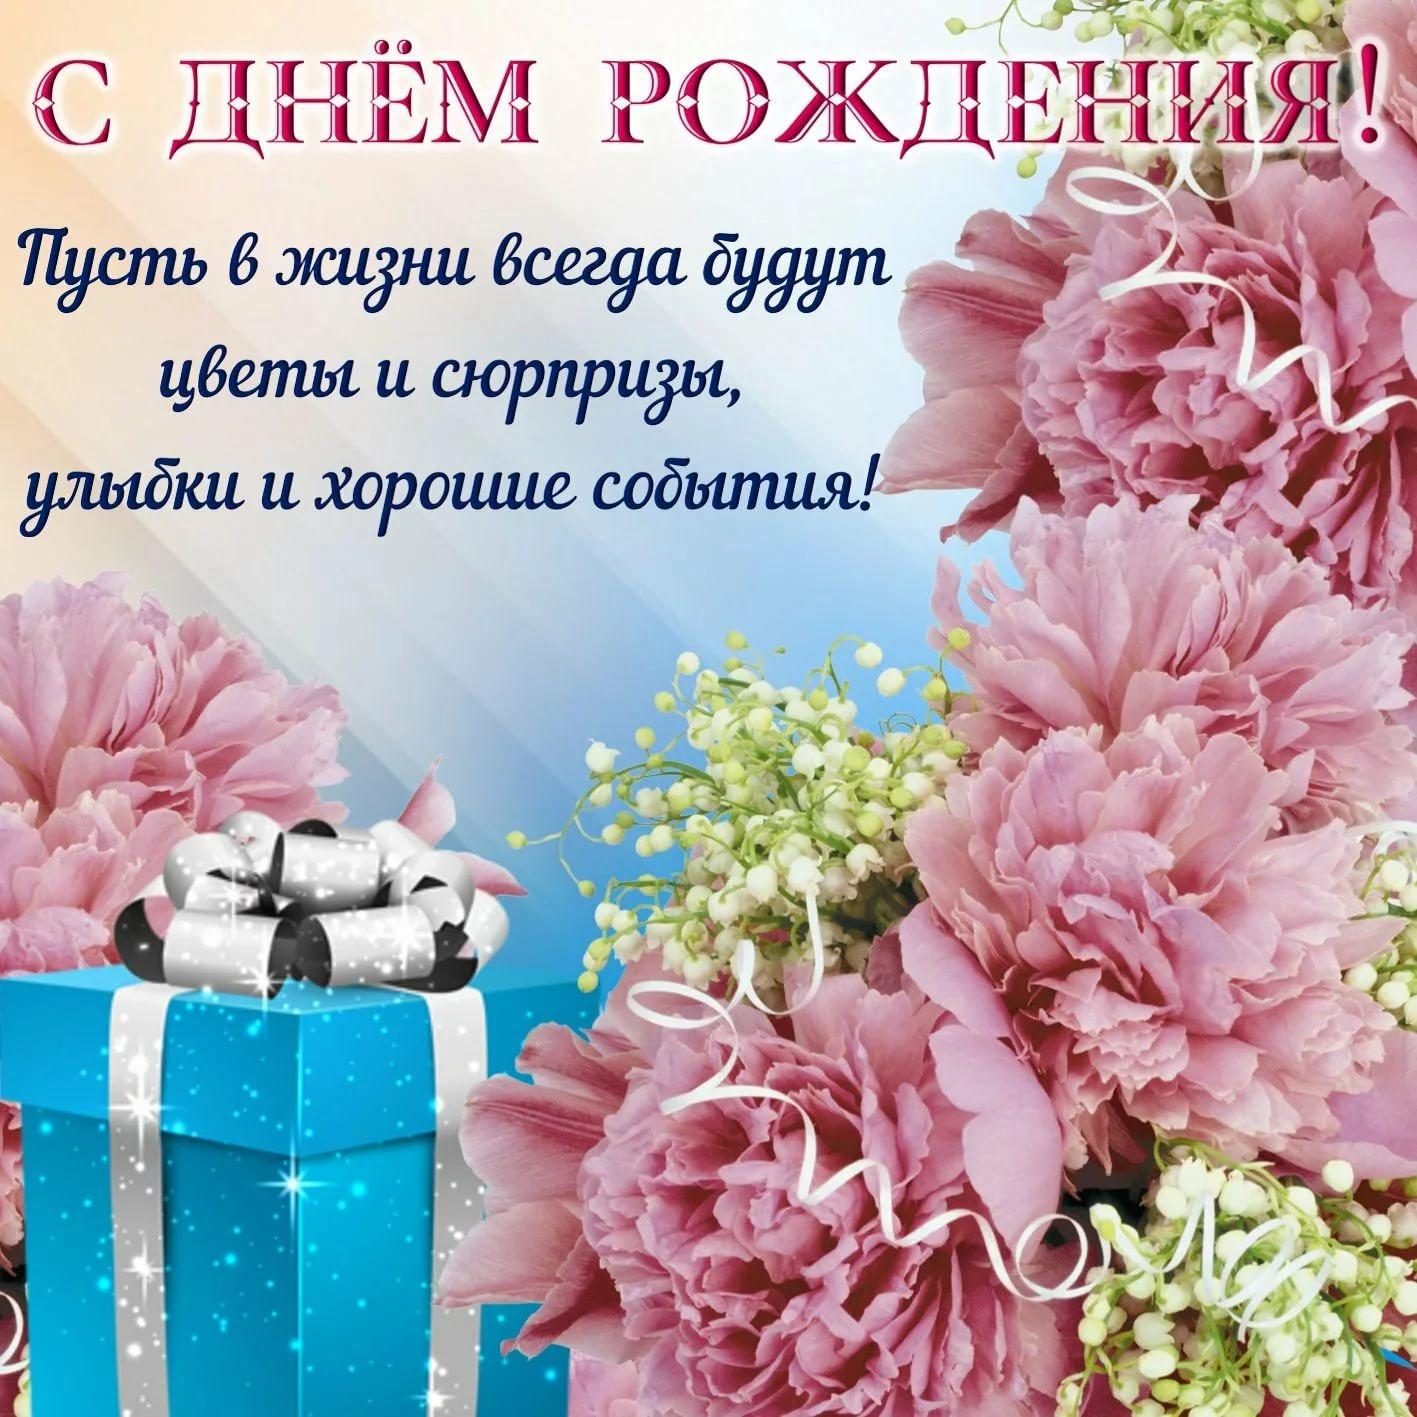 Скачать красивые открытки с днем рождения женщине 6